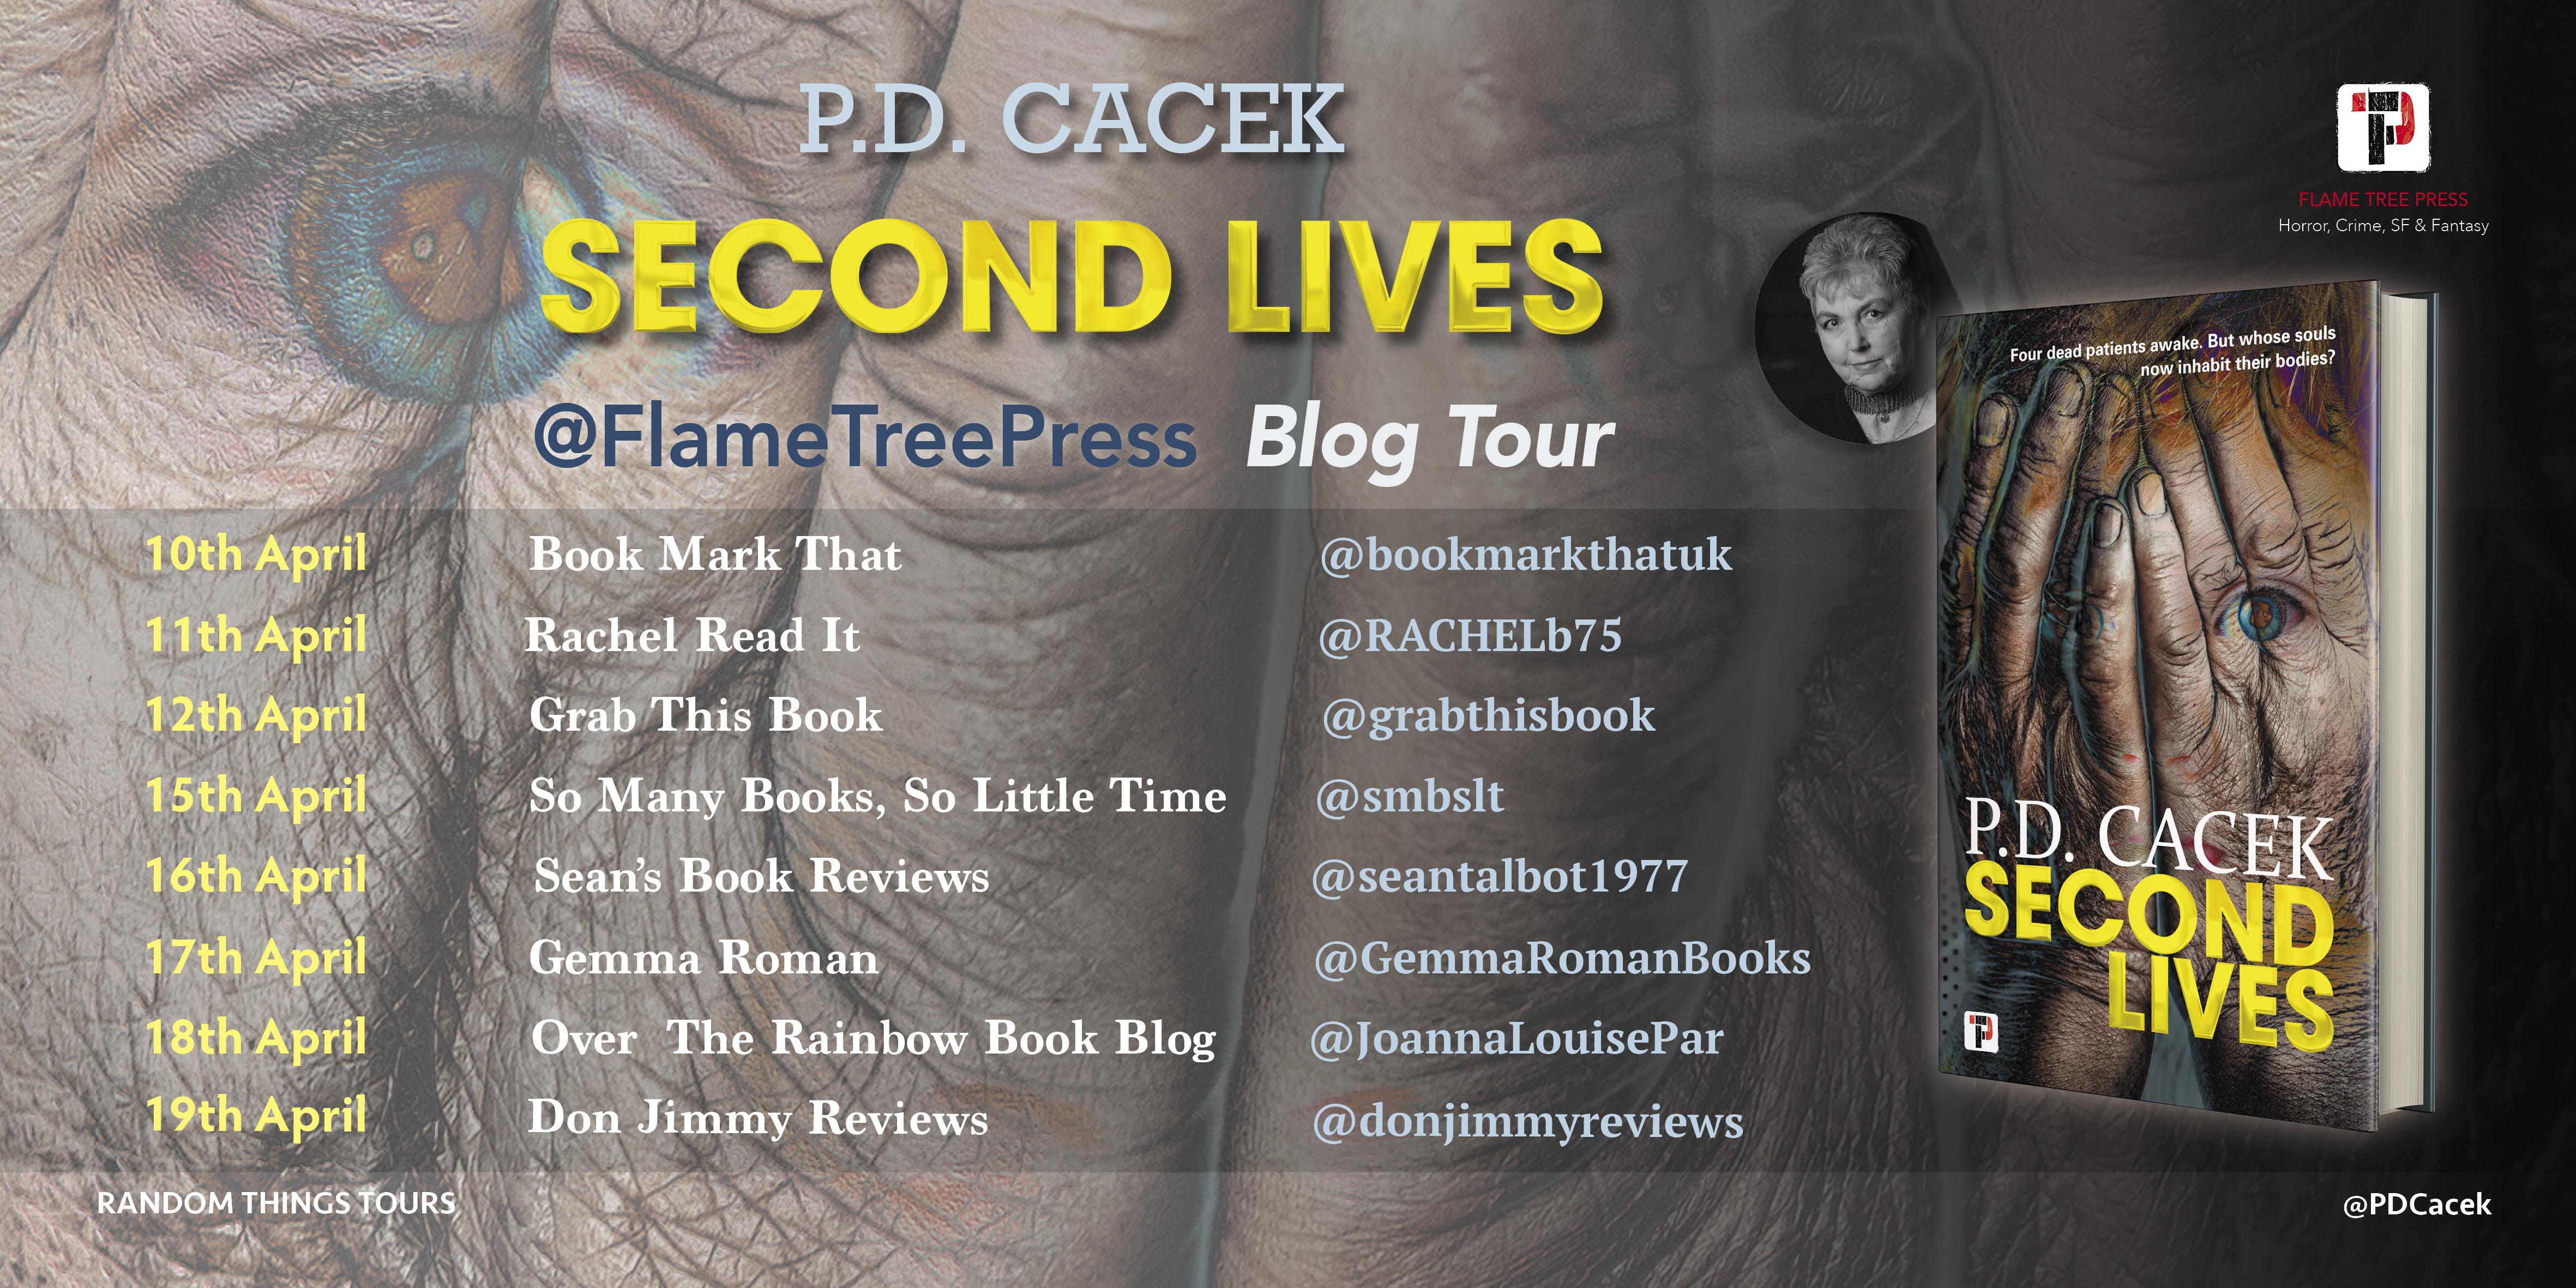 P.D. Cacek - Second Lives Blog Tour